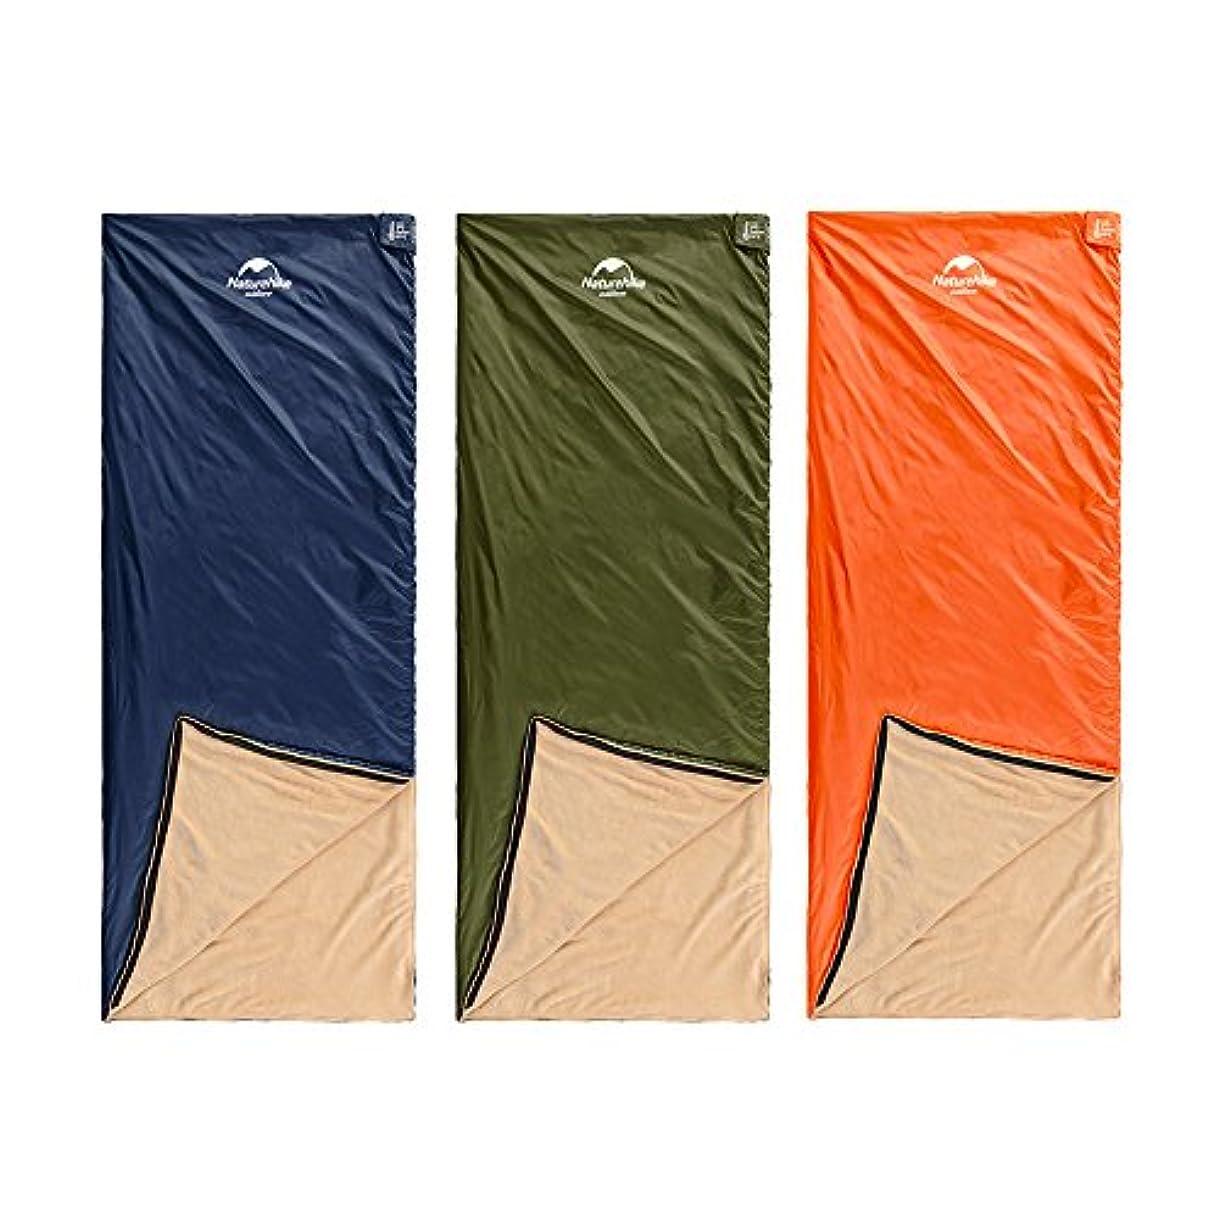 シード増強考案するNatureHike 寝袋 シュラフ 封筒型 コンパクト 珊瑚ベルベットキルト 丸洗い 軽量 アウトドア 登山 車中泊 防災 緊急用に 最低使用温度8度 収納袋付き 3カラー